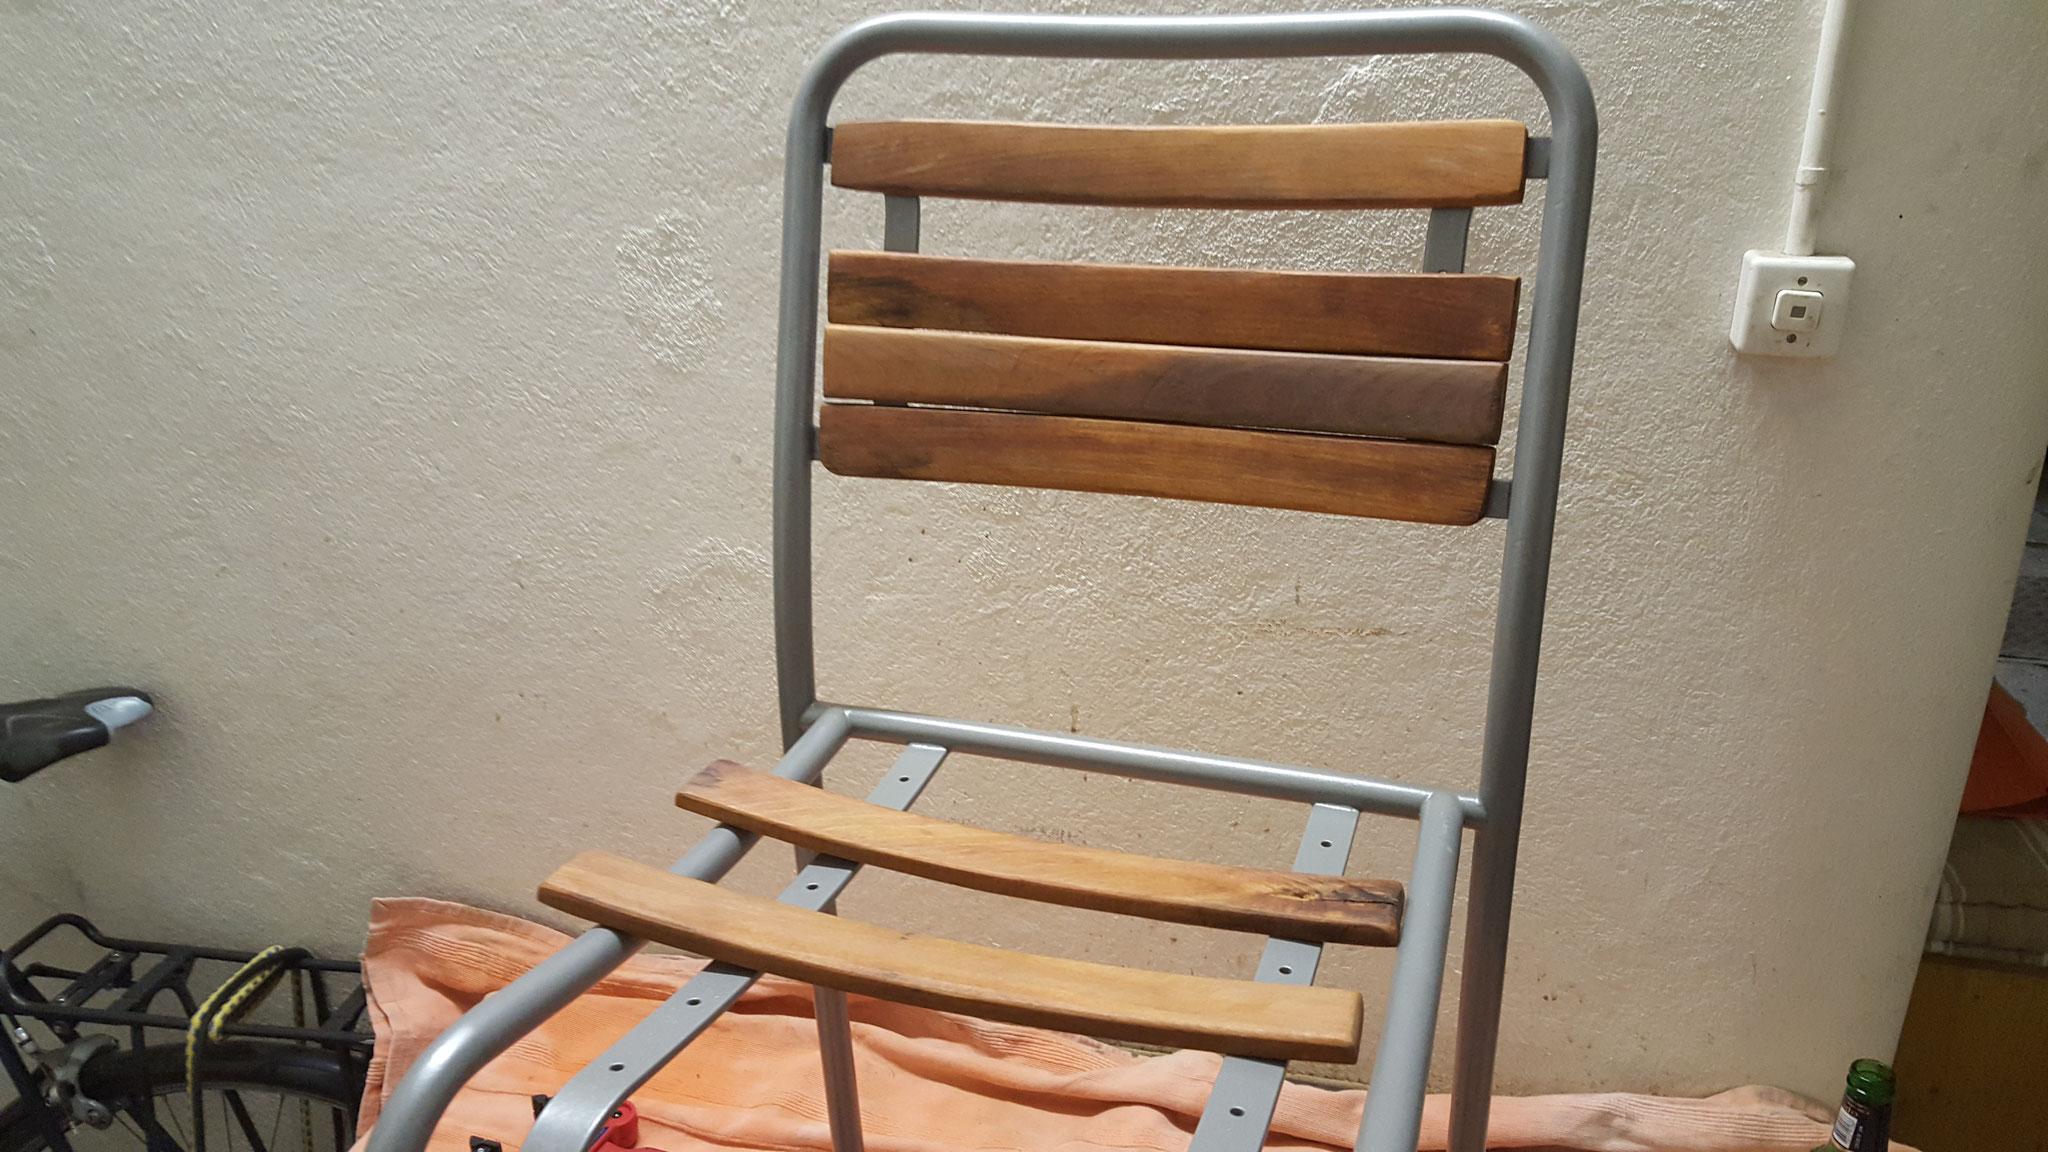 Gartenstuhl: Brettchen abgelaugt und neu behandelt